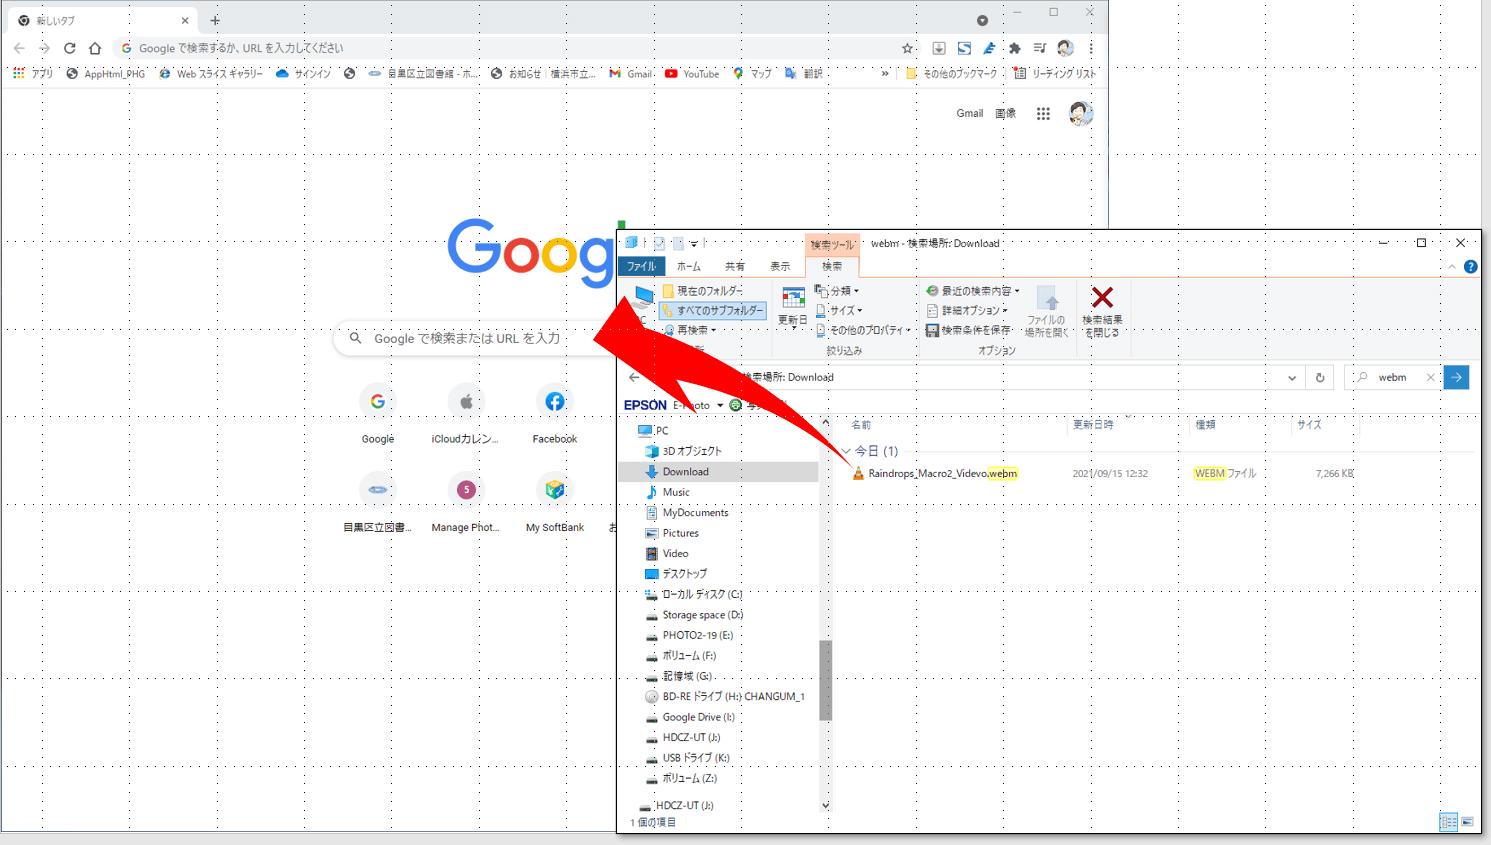 WebMファイルを再生